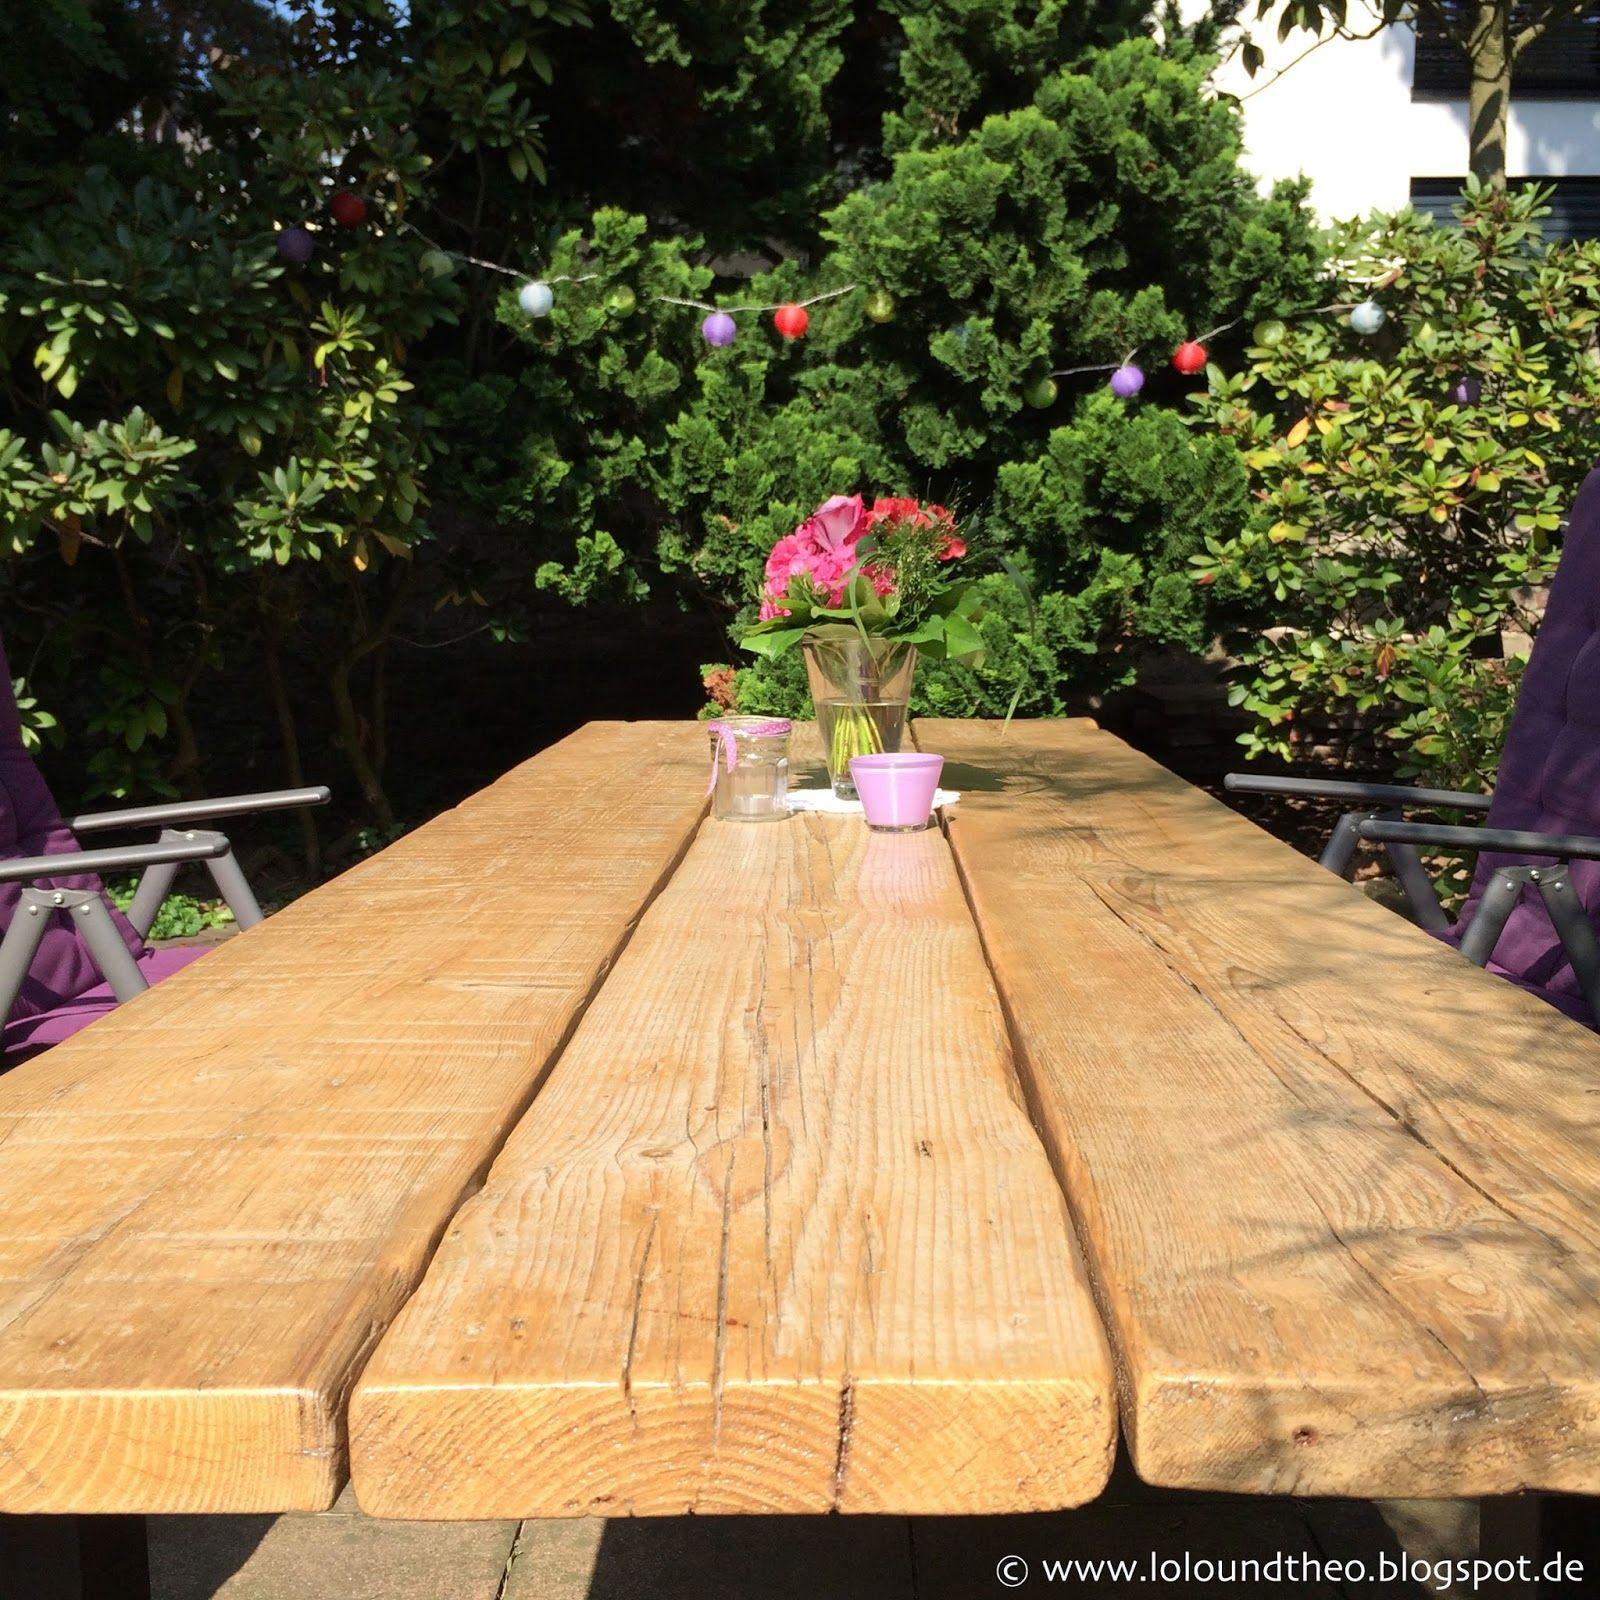 Vintage DIY Gartentisch aus alten Brettern Tisch aus Ger stdielen loloundtheo blogspot